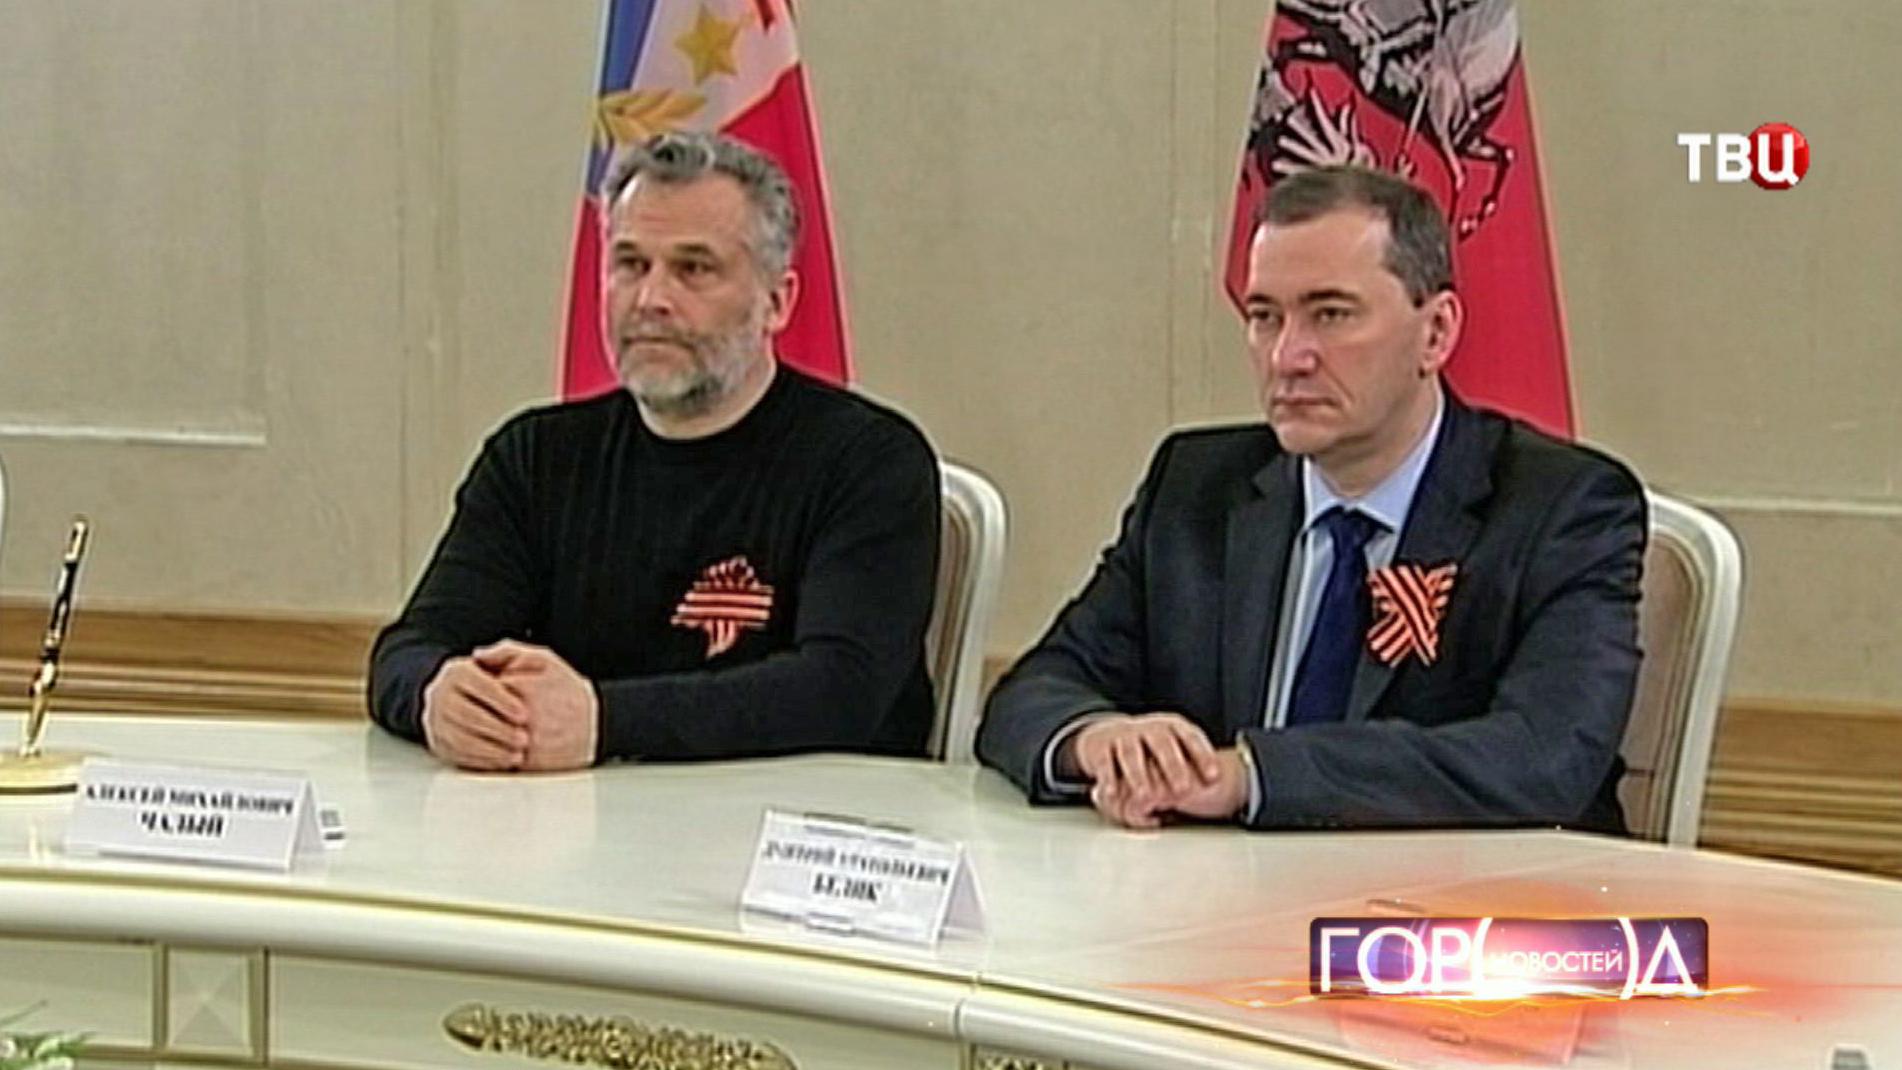 Мэр Севастополя Алексей Чалый и председатель городской администрации Севастополя Дмитрий Белик